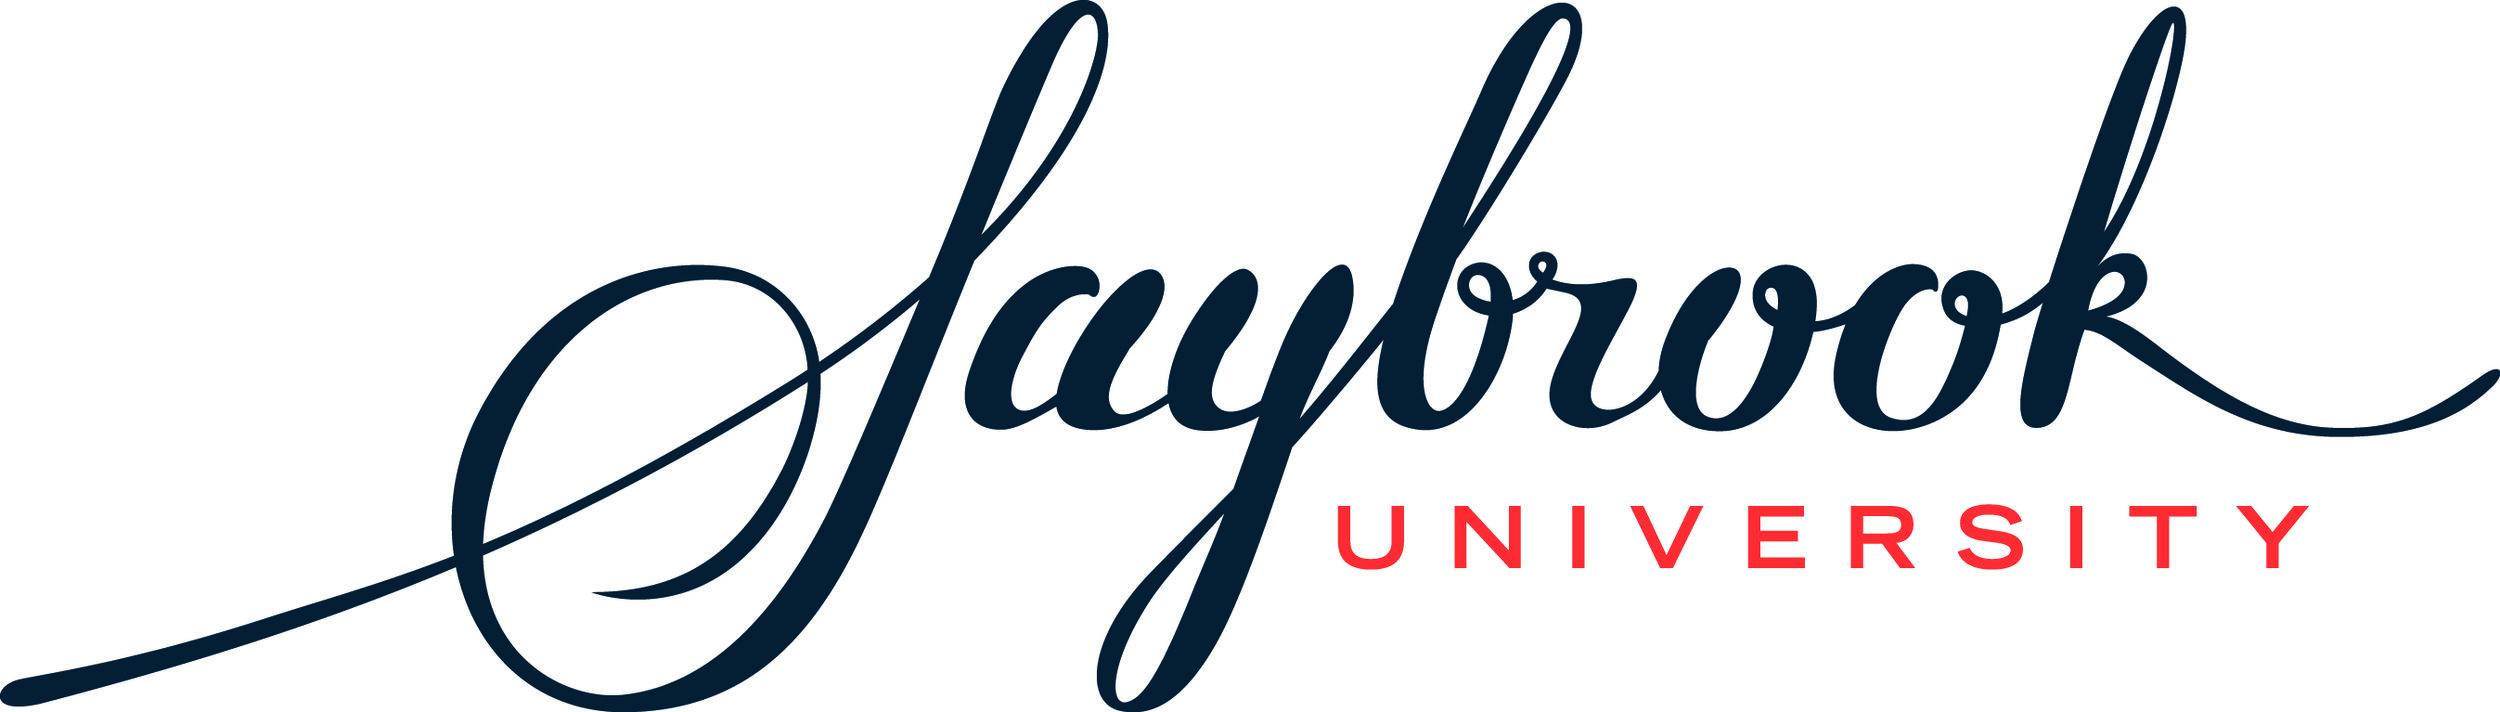 Saybrook_Logo_Color_Process 11.3.16.jpg